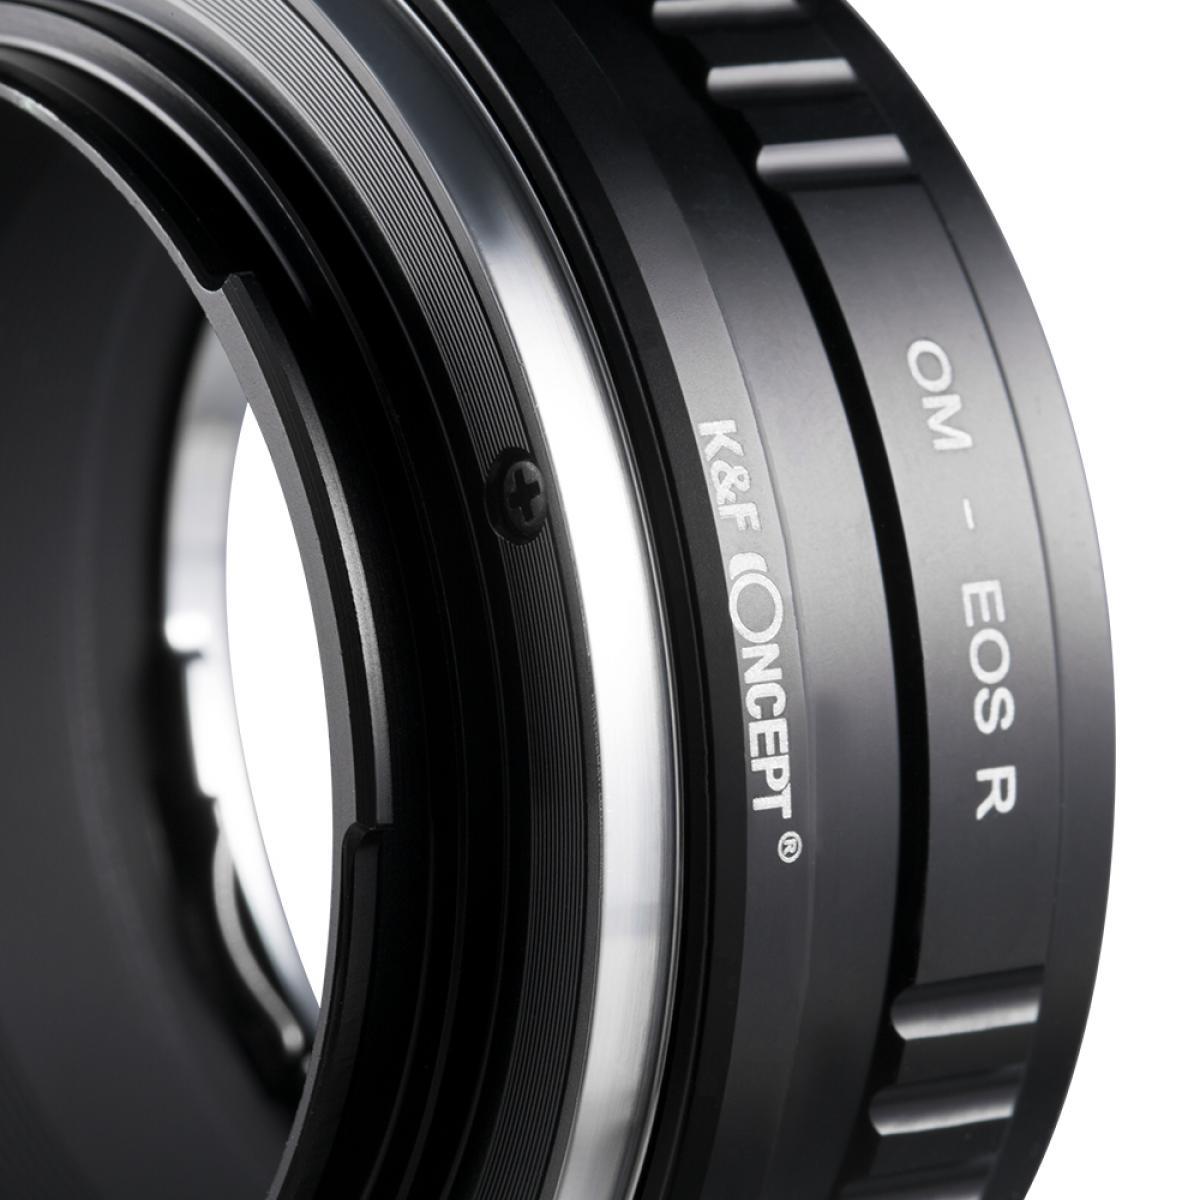 Olympus OM Lenzen voor Canon EOS R Camera Adapter